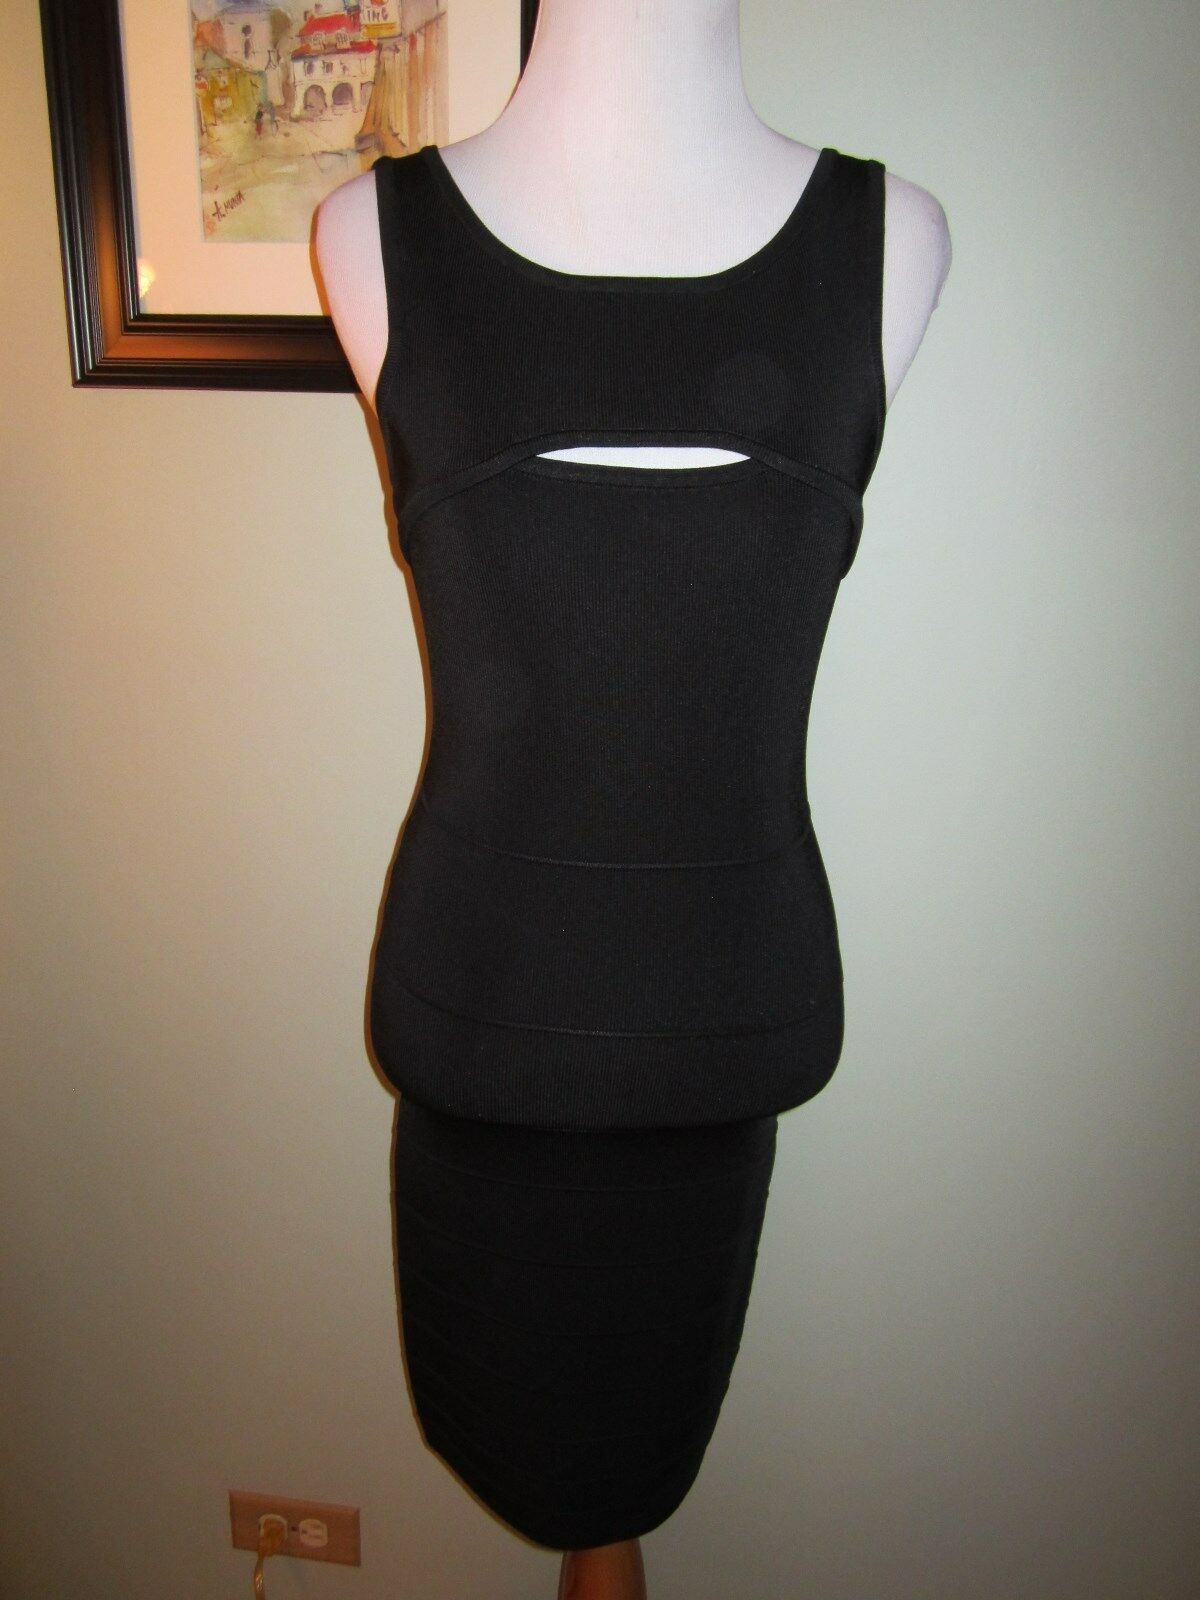 Guess by Marciano schwarz Sleeveless Stretch Bandage Bodycon Dress Größe S